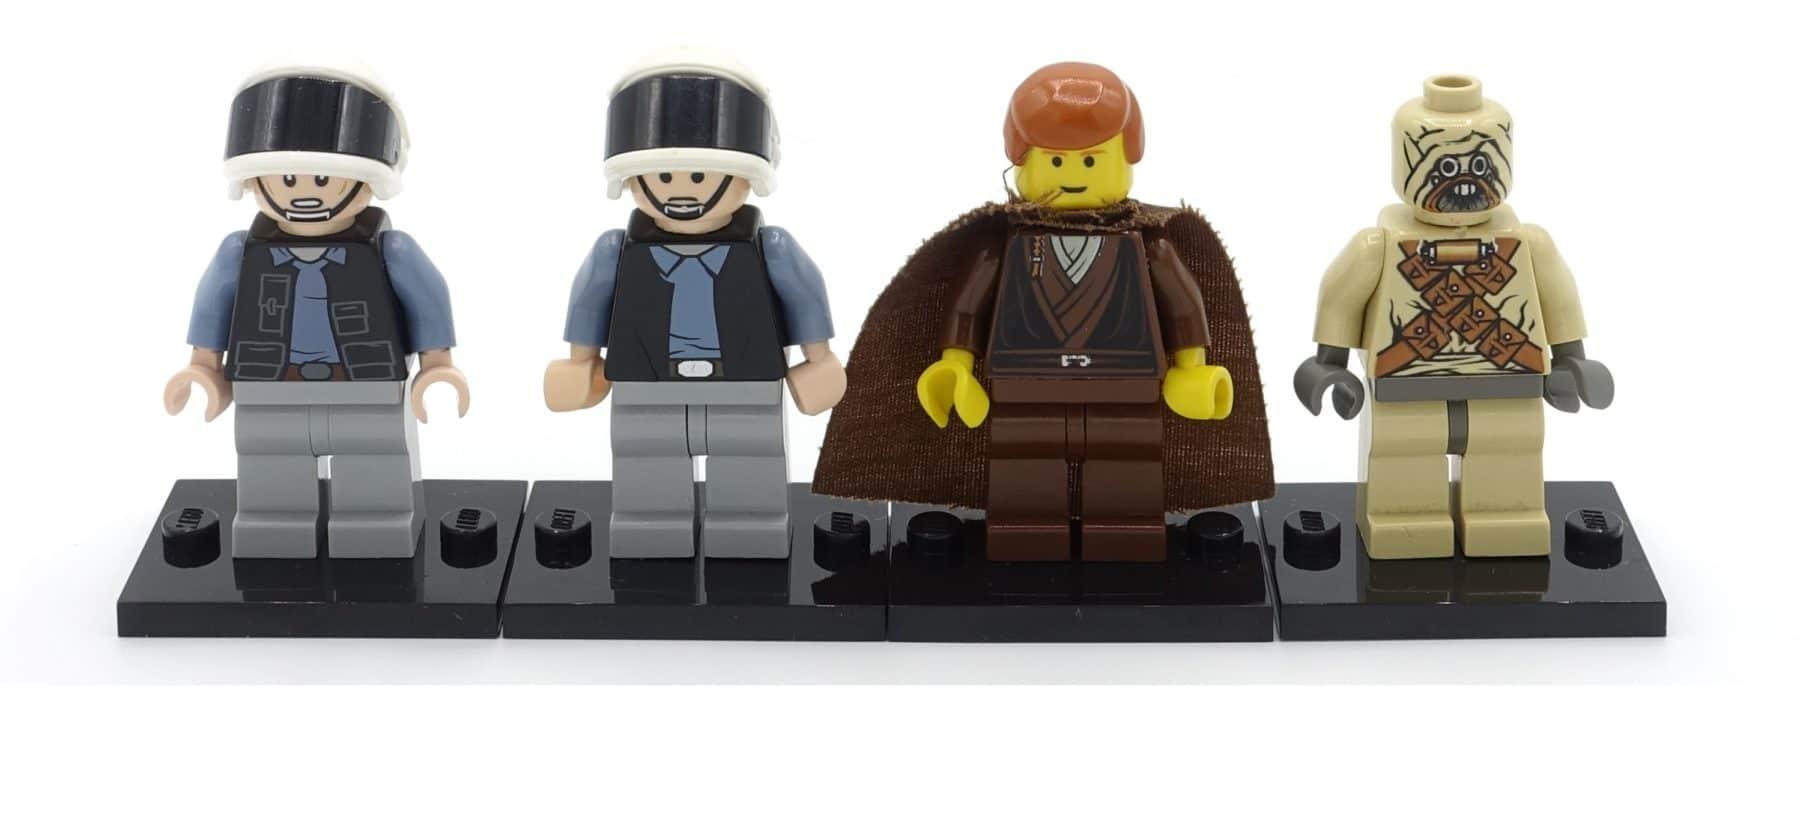 Verschiedene gebrauchte LEGO Star Wars Minifiguren